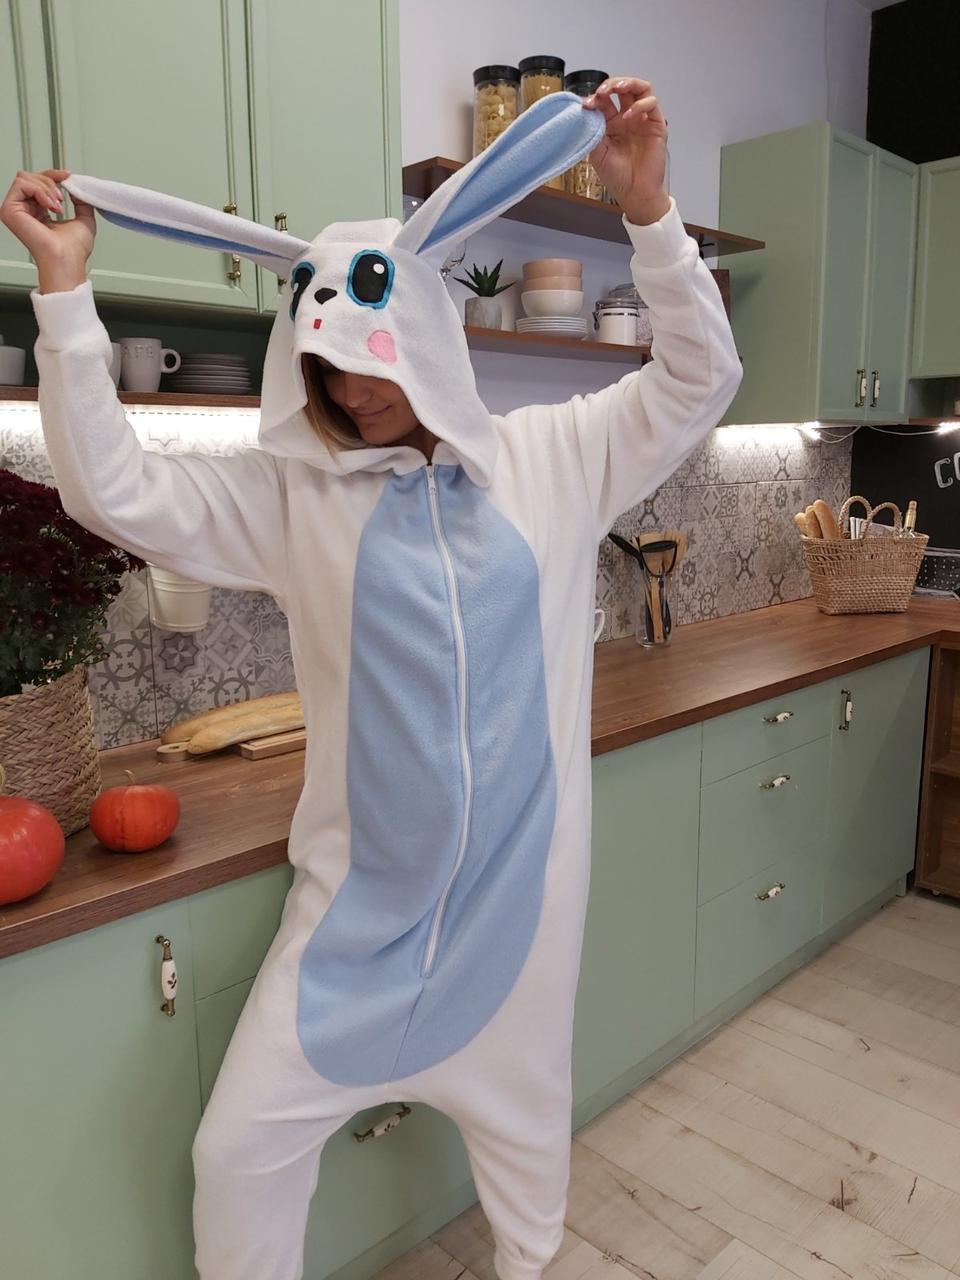 Пижама Кигуруми Заец есть все размеры Украинское производство Размер 134-152 см